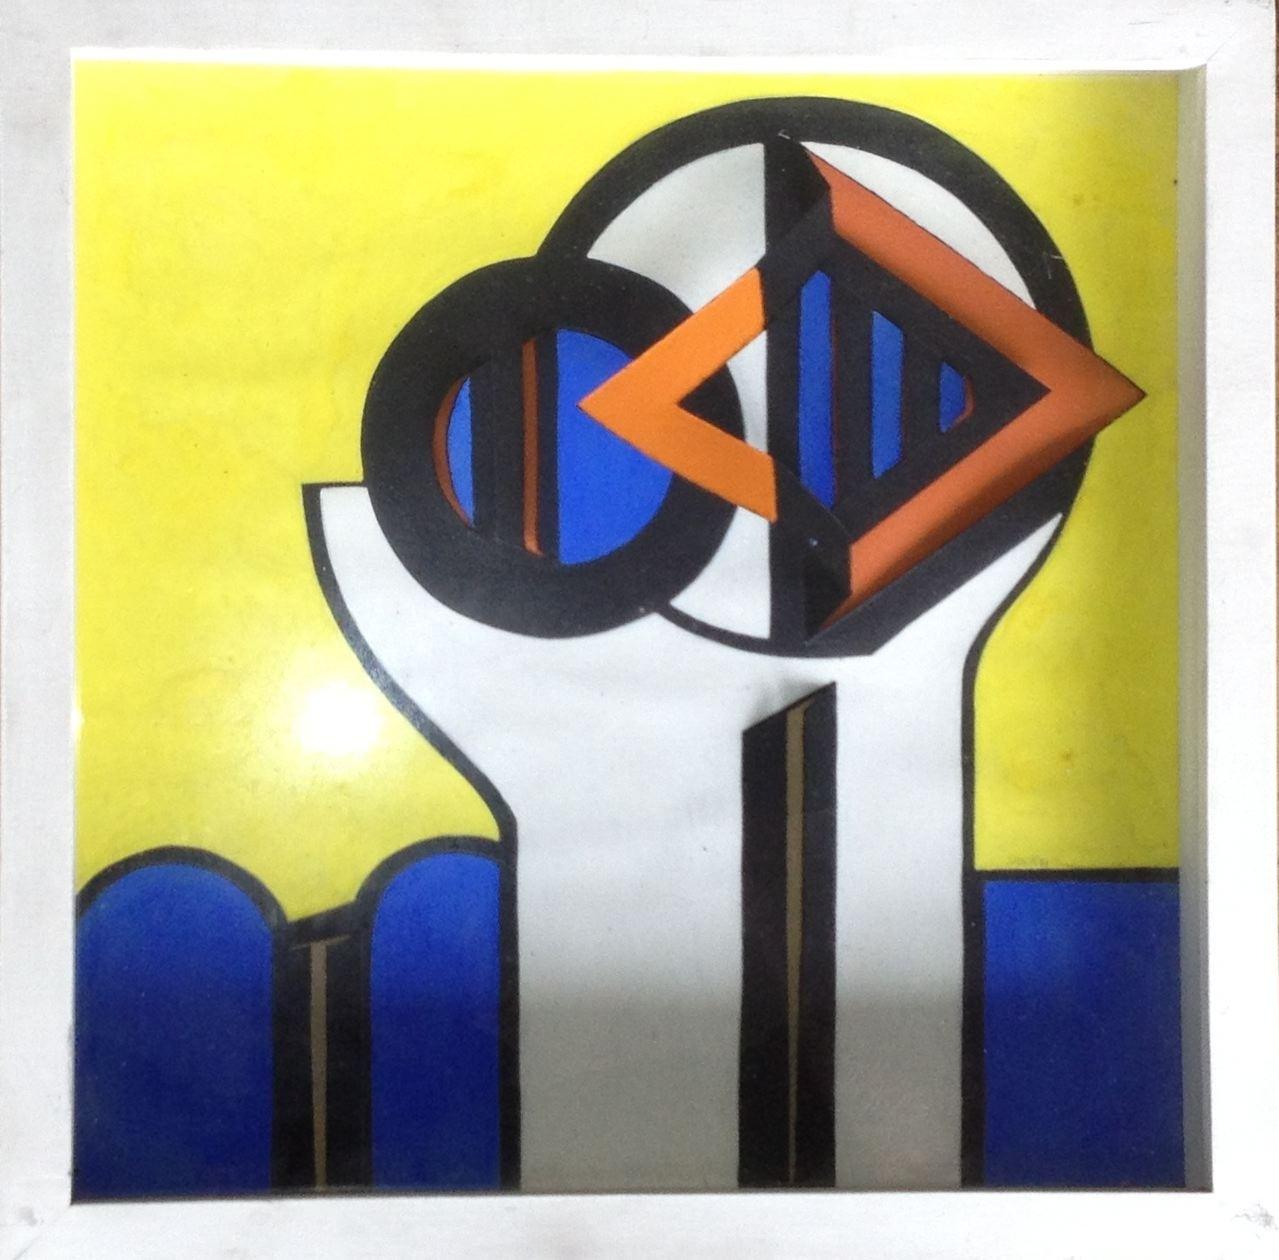 Raumschnitt, Collage, 30 x 30 x 5 cm, 1971 (#589)